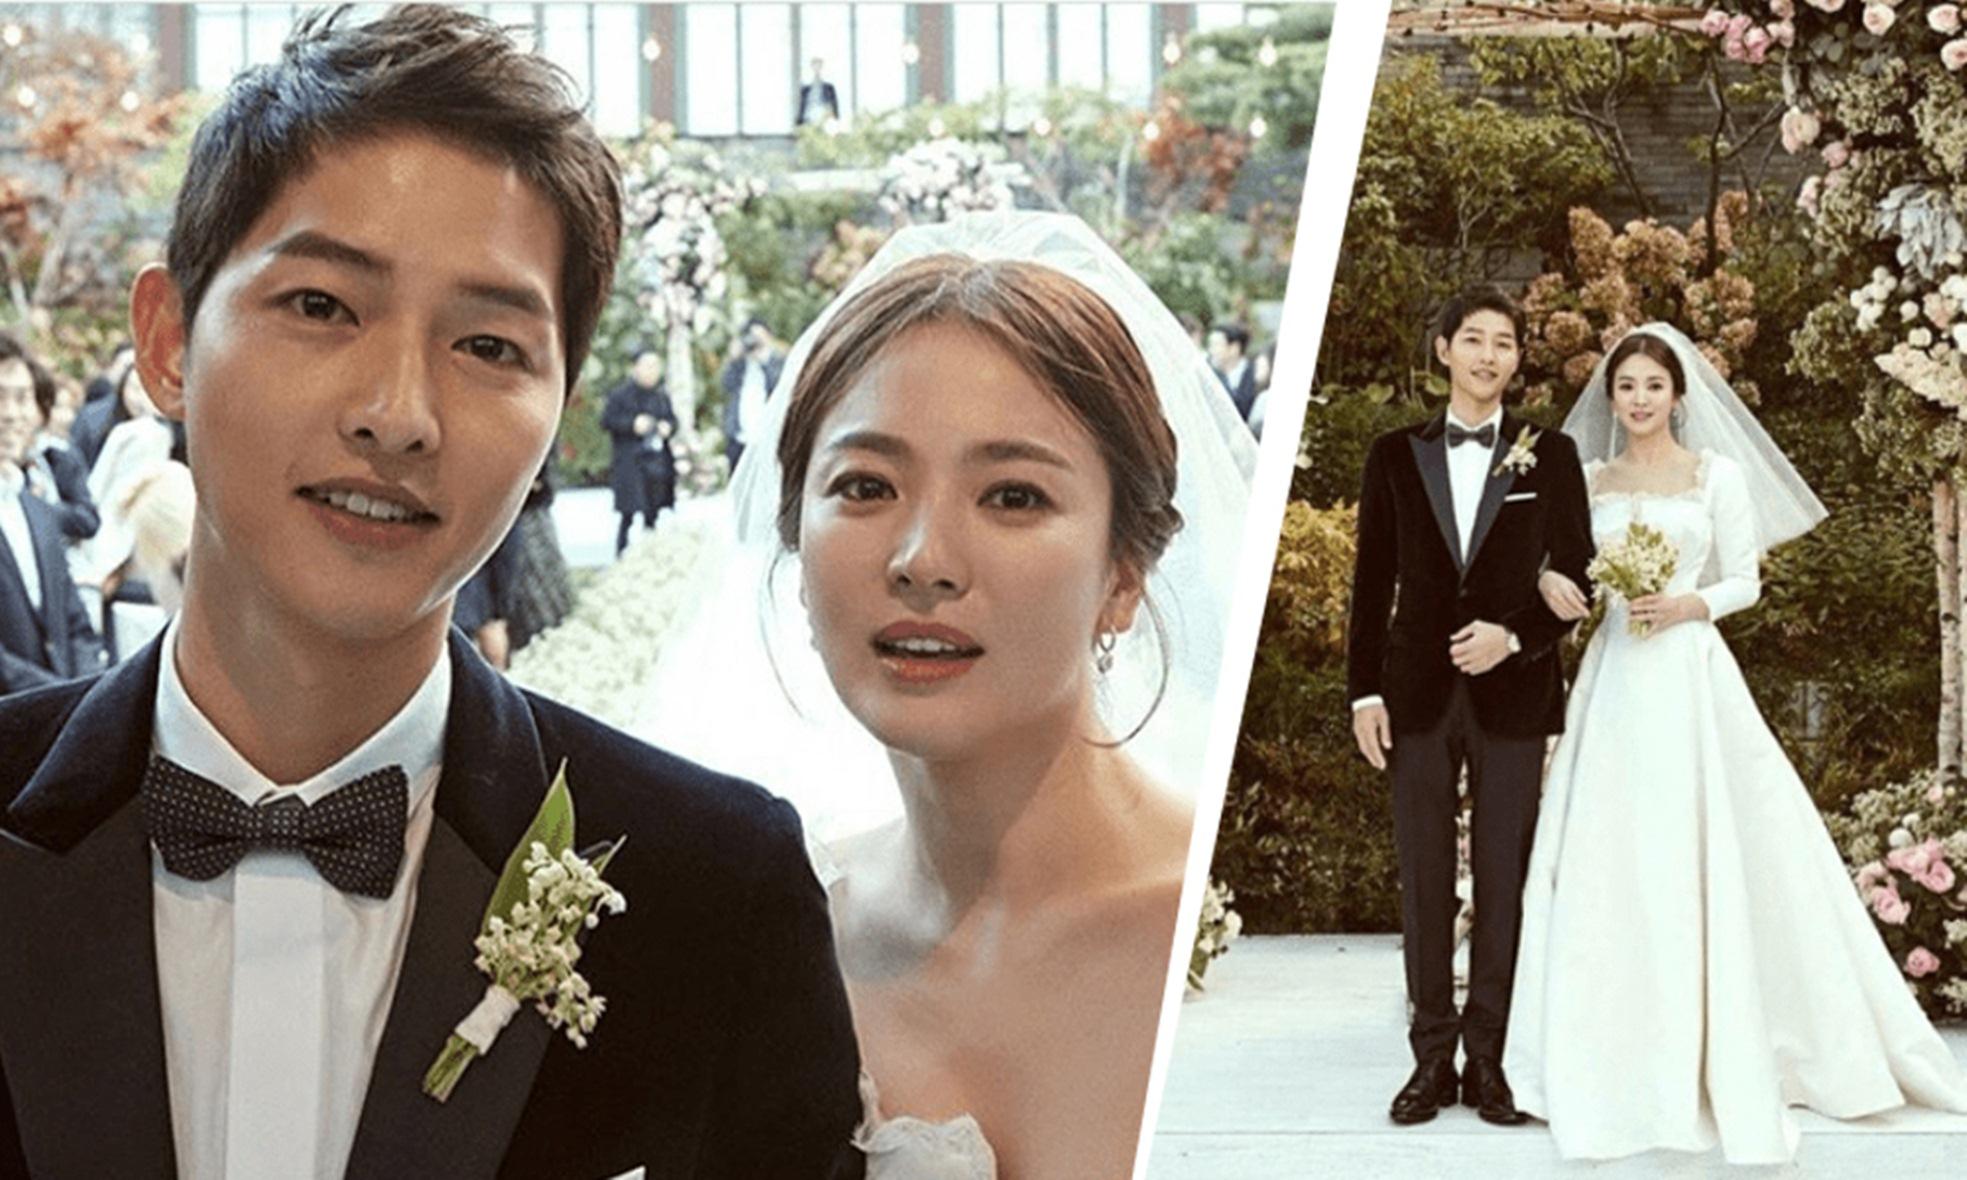 Mengejutkan, Song Joong Ki Mengkonfirmasi dan Mengumumkan Bahwa Dia Akan Menceraikan Song Hye Kyo 4